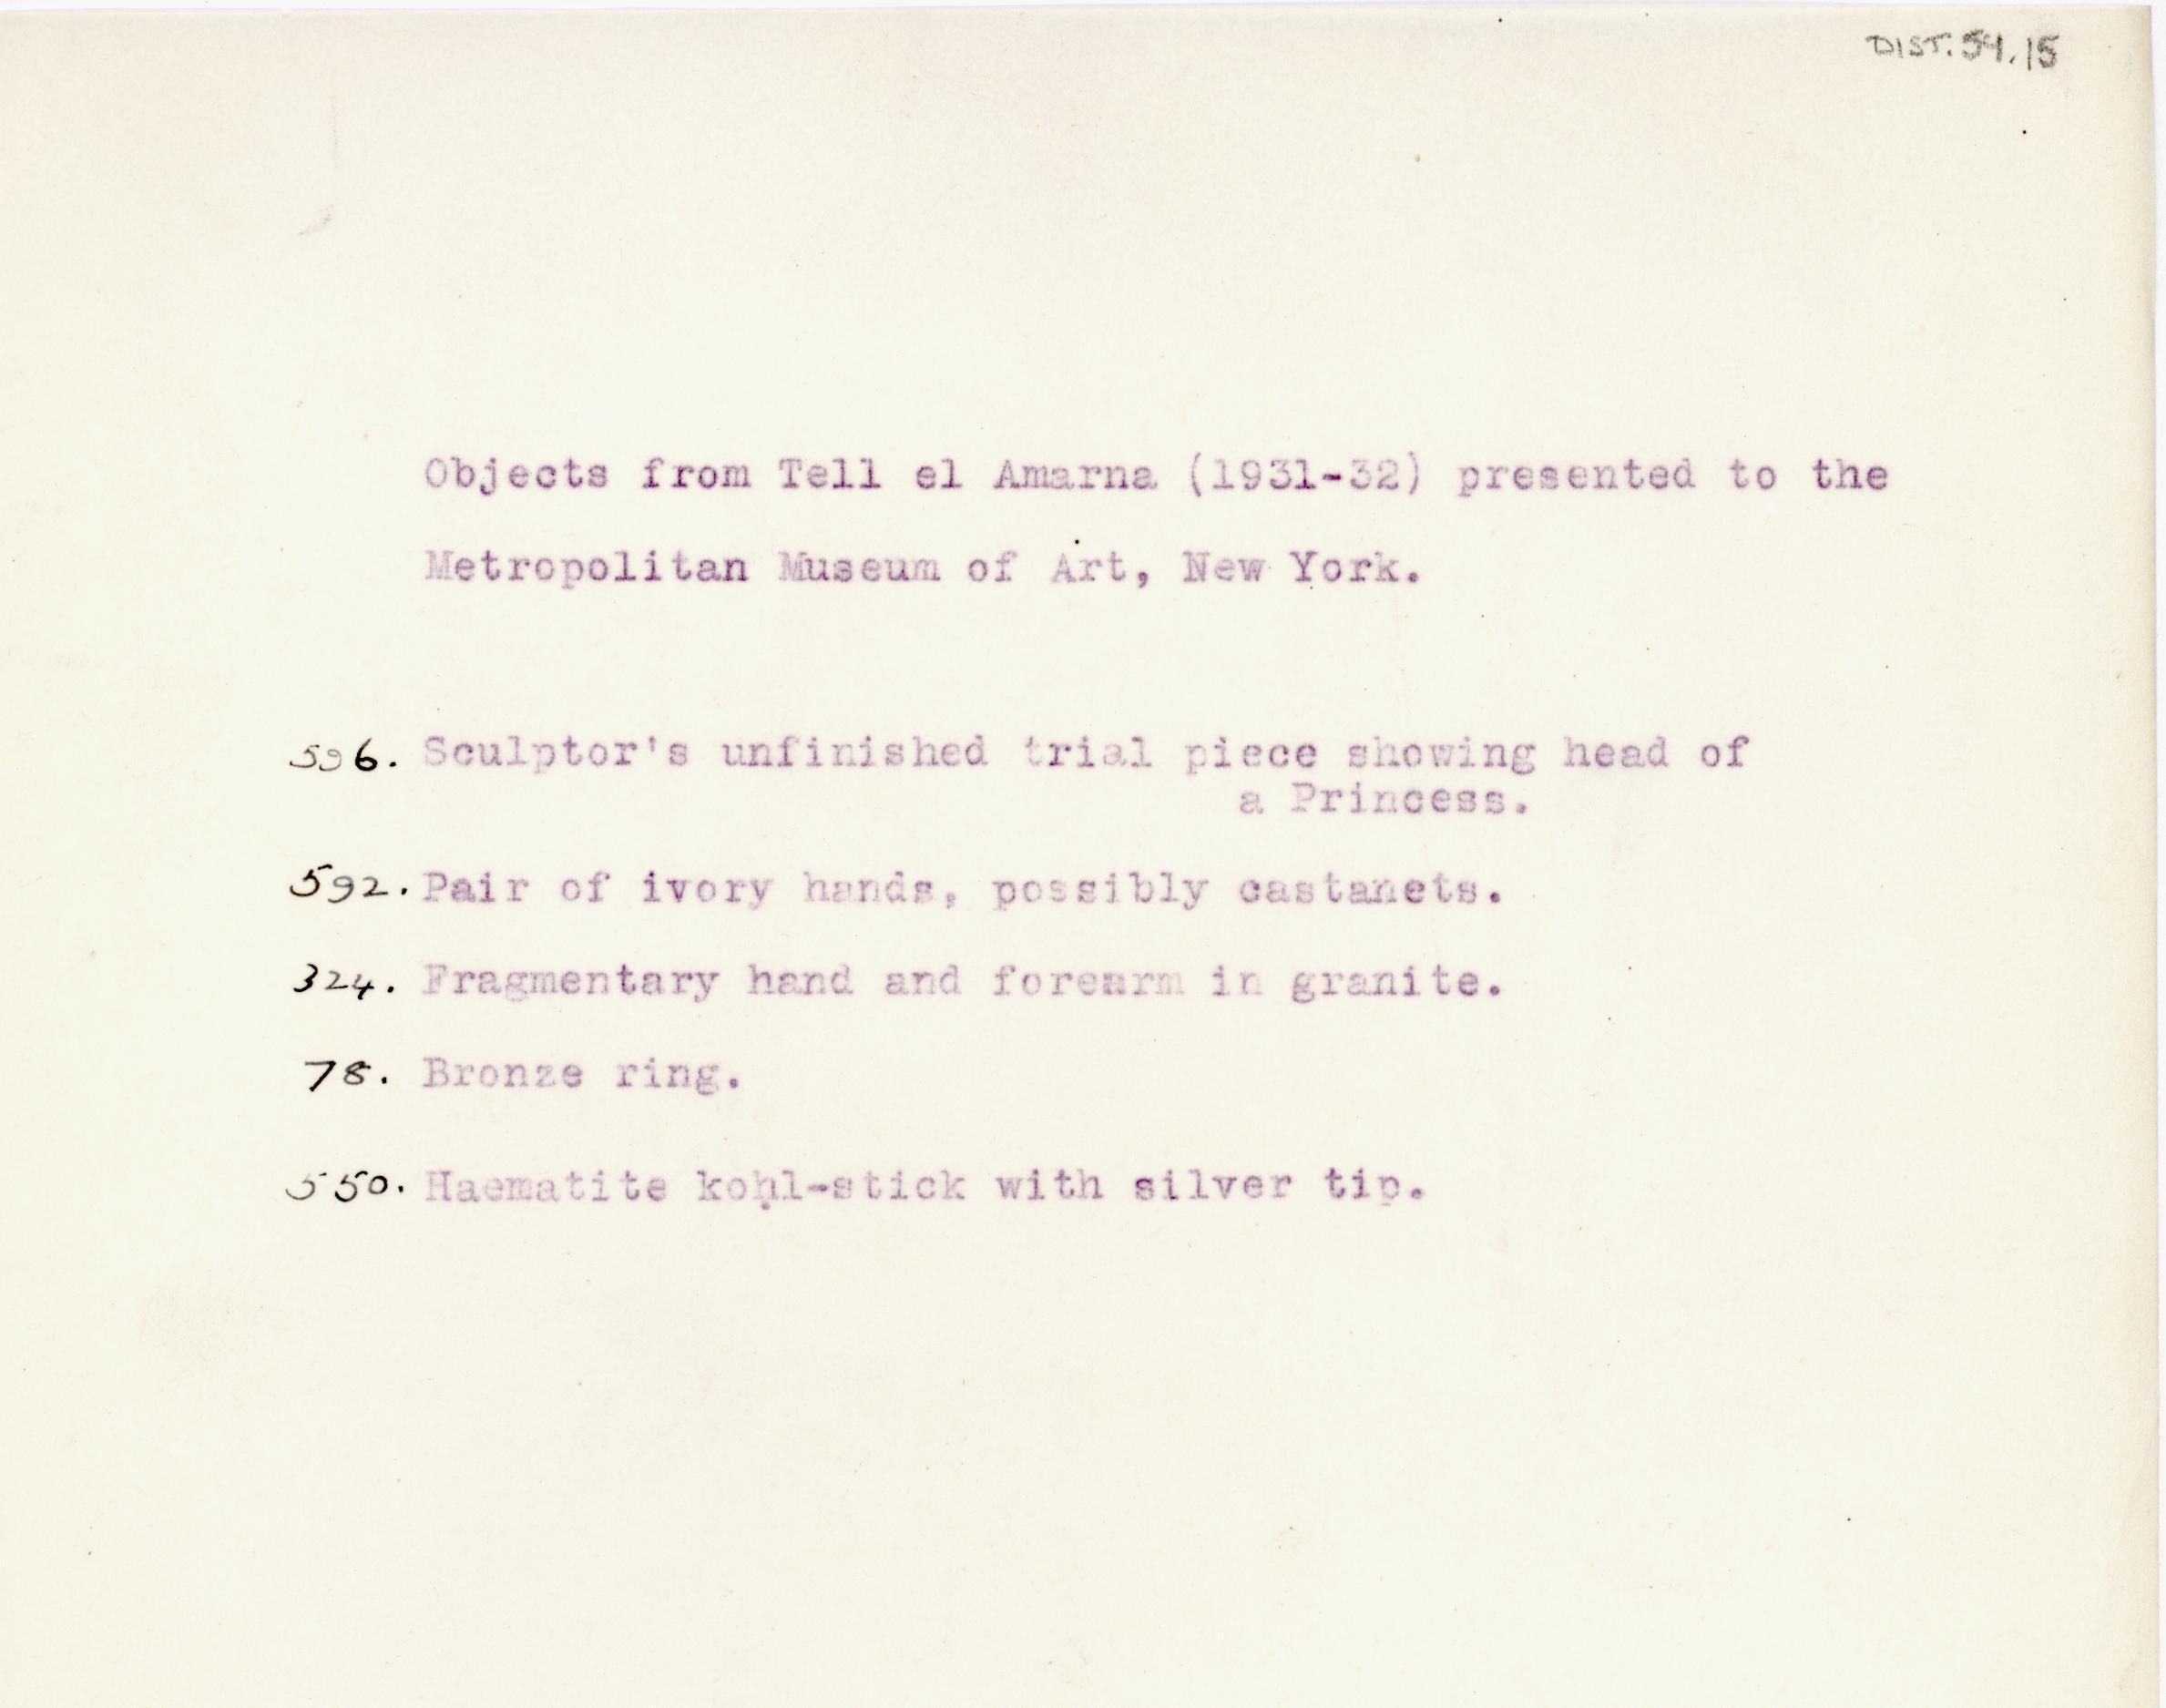 1931-32 el-Amarna and Armant DIST.54.15